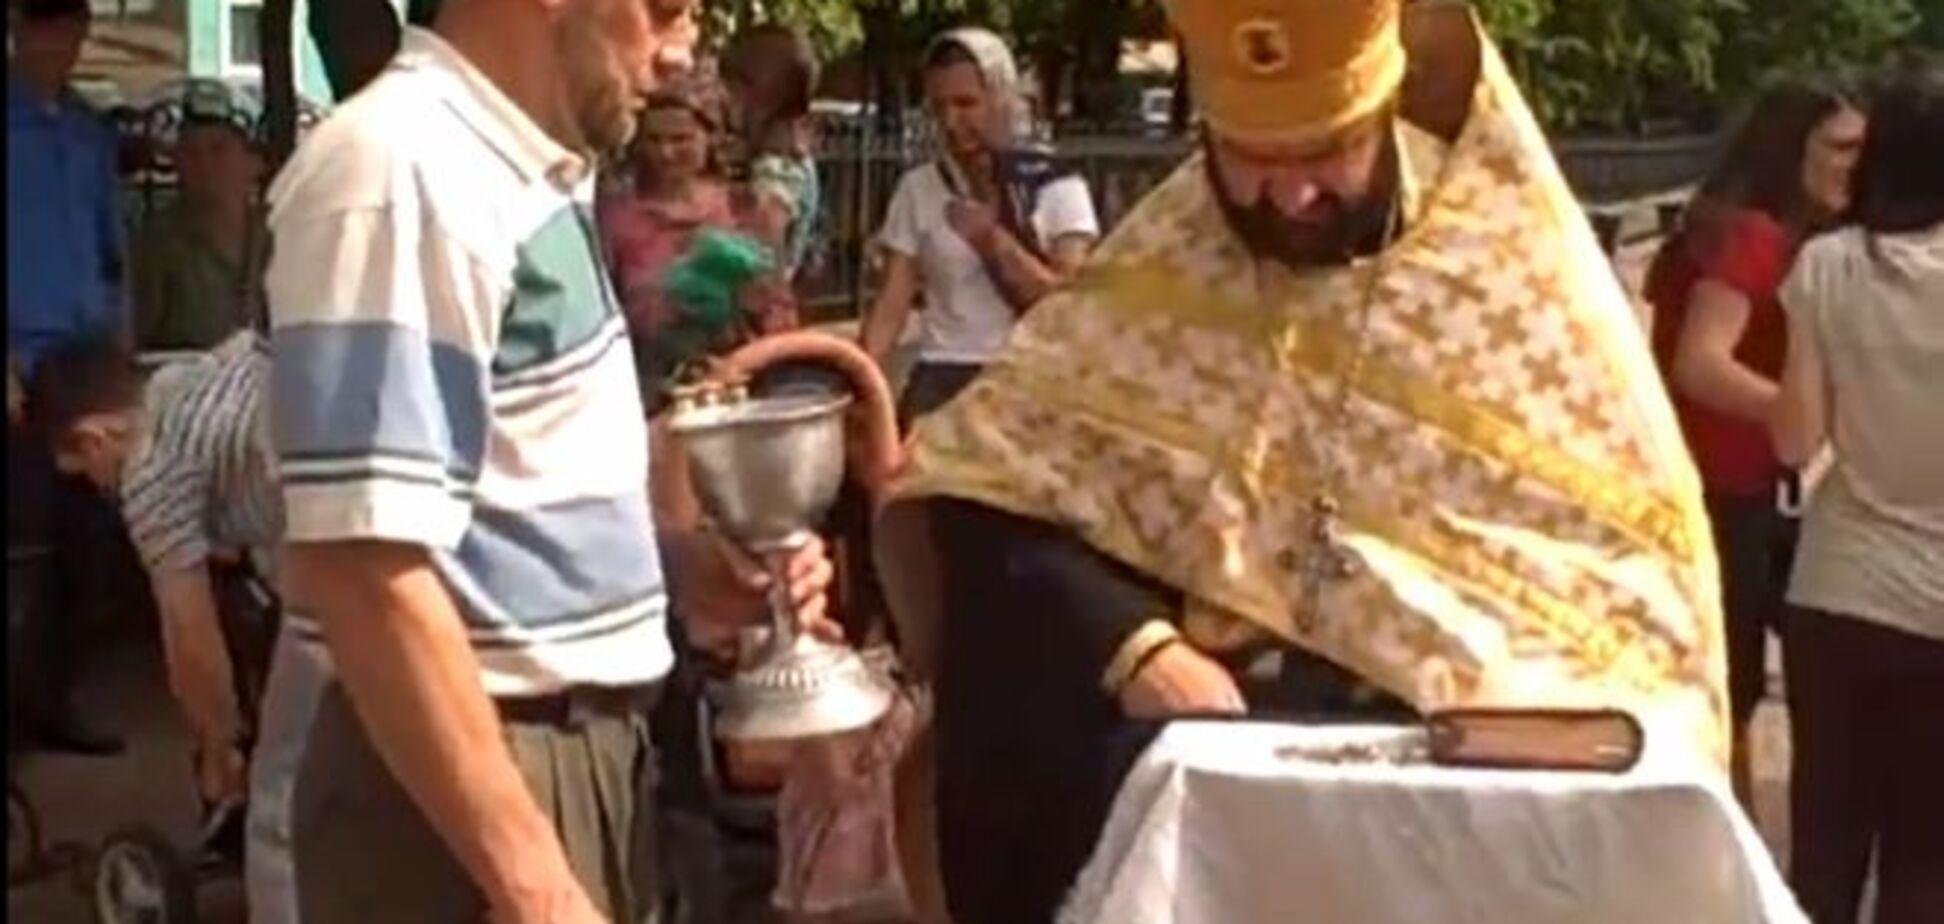 Відео 'Диявол вийшов з людини в центрі Луганська' підірвало Інтернет